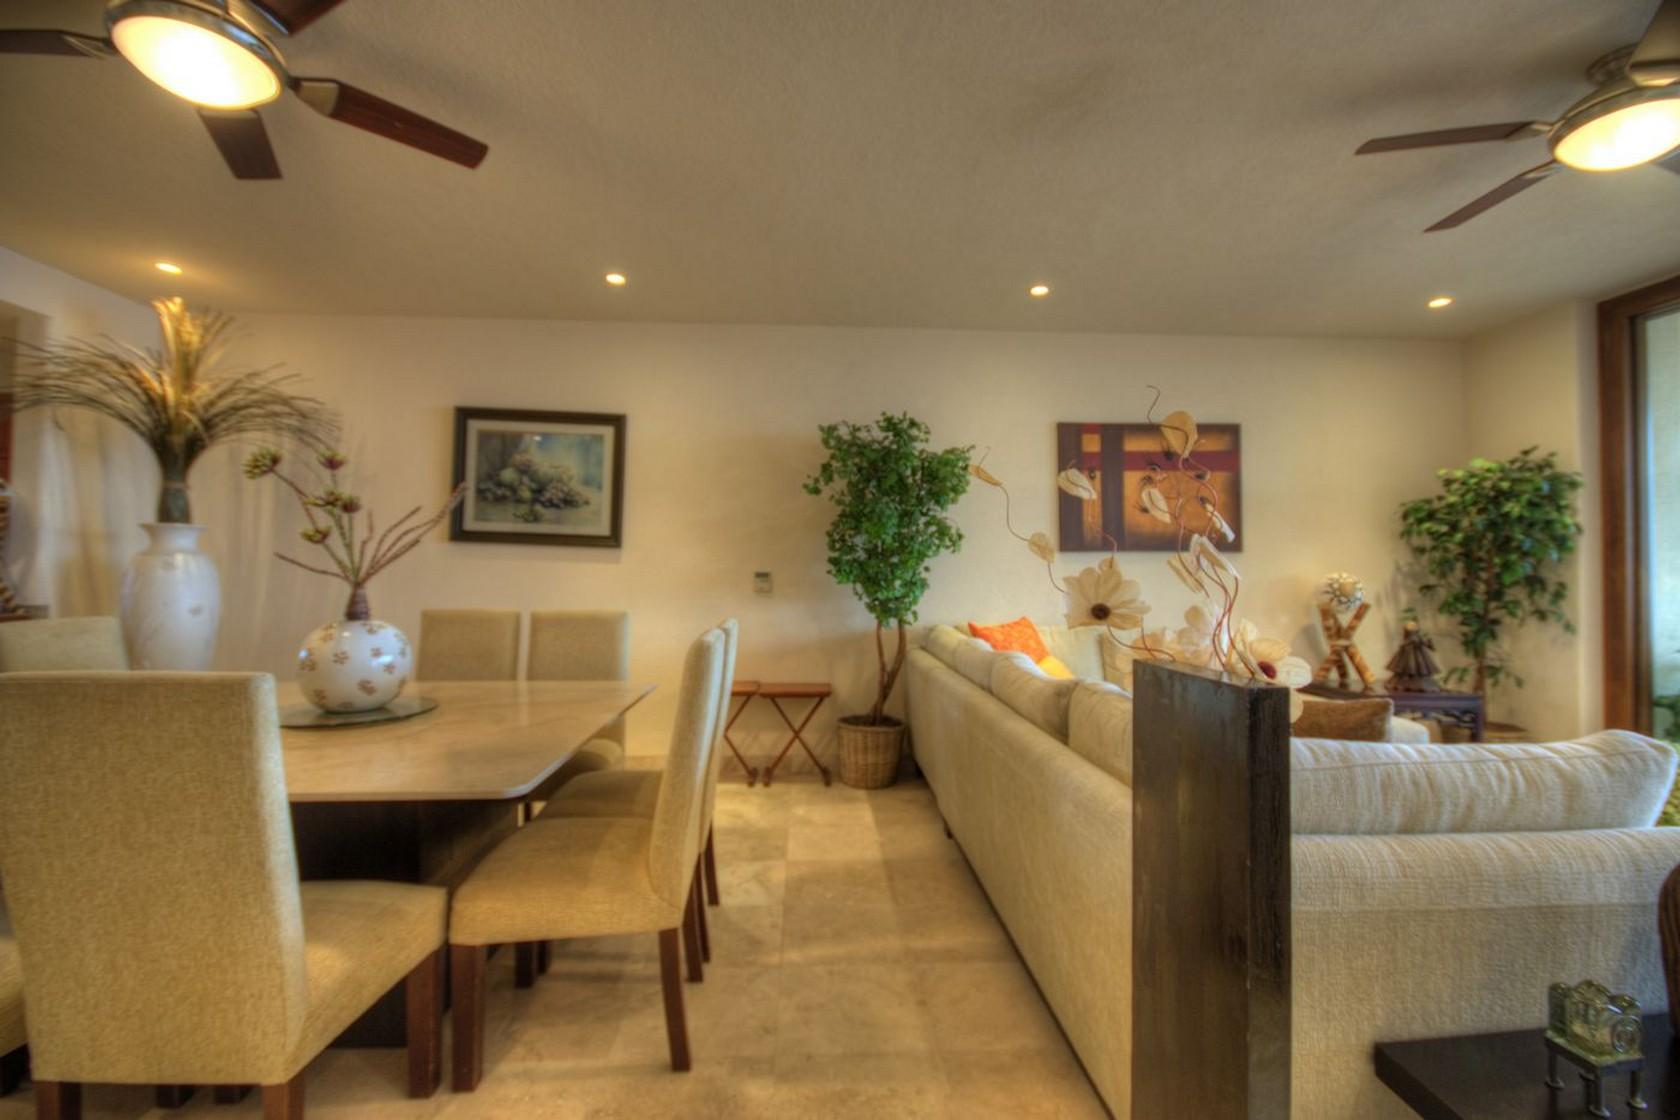 Sala y comedor Departamento en venta Punta Esmeralda Resort La Cruz de Huanacaxtle